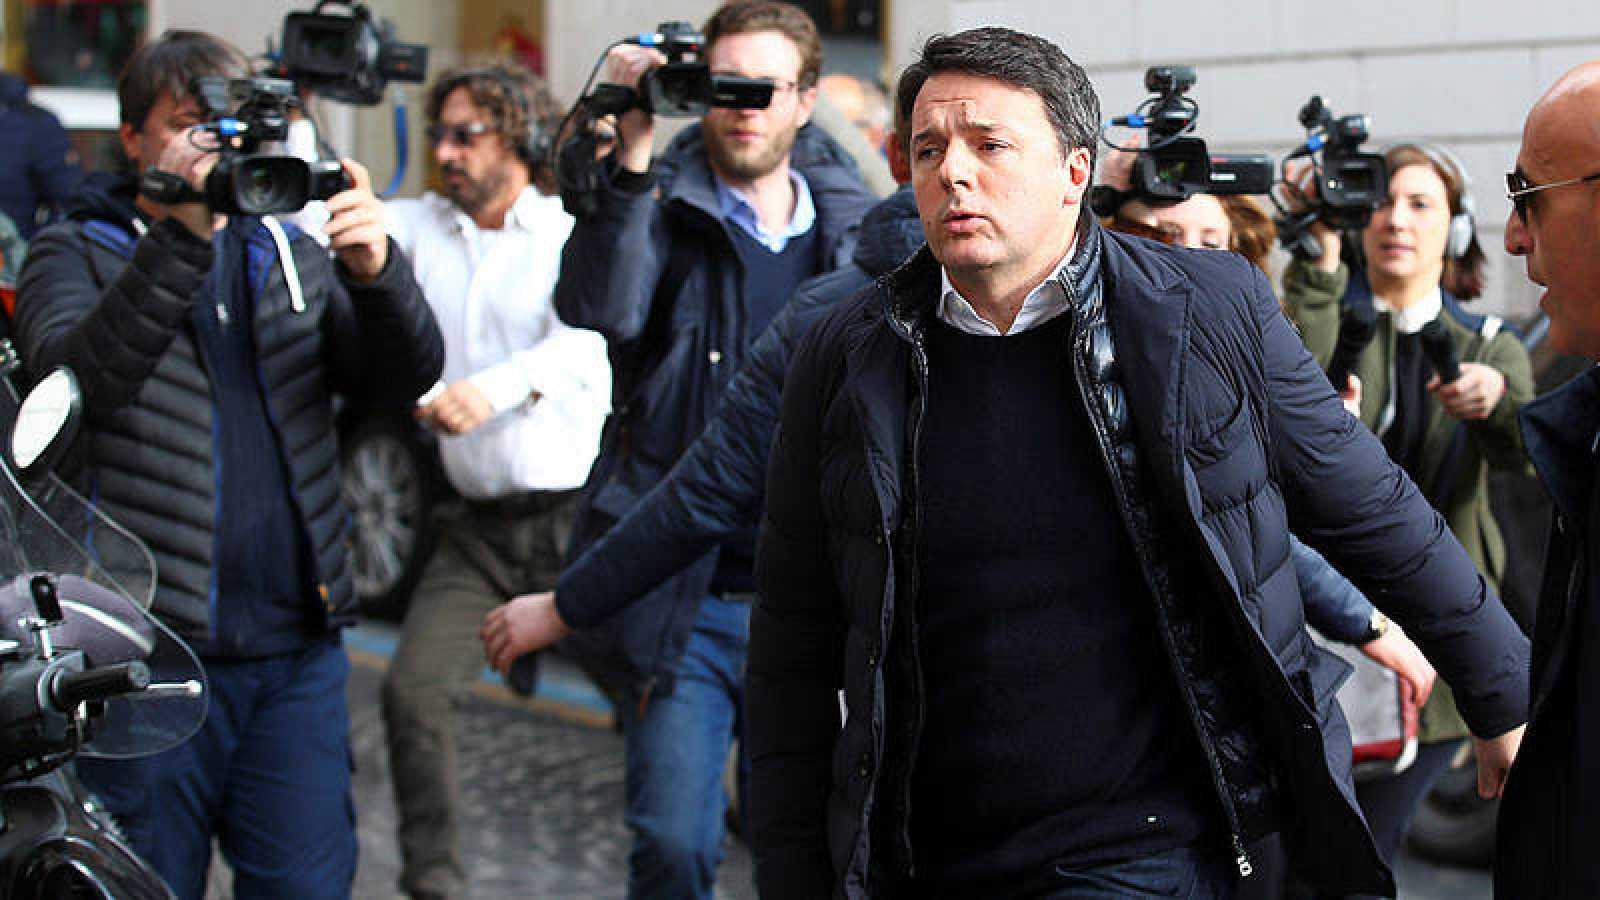 El ex primer ministro italiano, Matteo Renzi, llega a una reunión de la dirección nacional del Partido Democrático italiano.